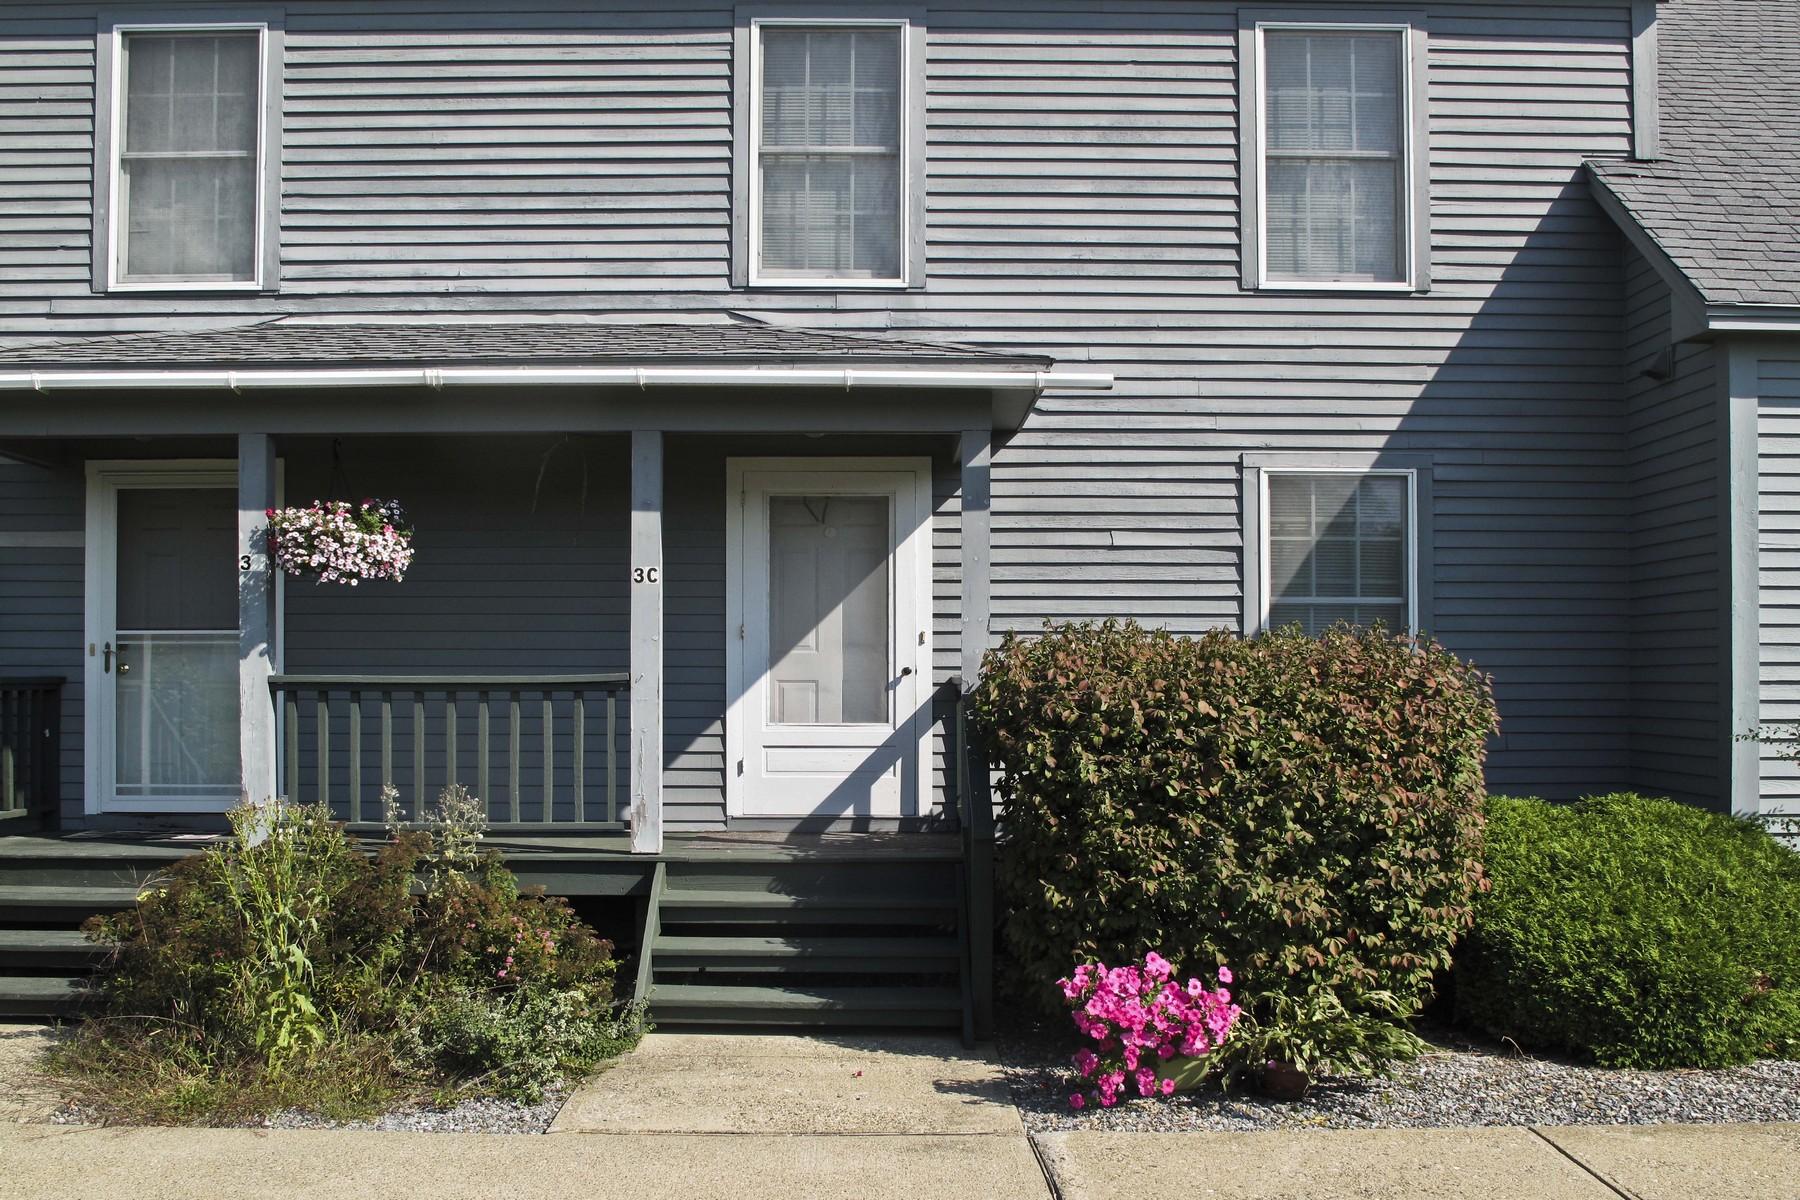 Condominio por un Venta en 3C Country Commons, Vergennes Vergennes, Vermont, 05491 Estados Unidos